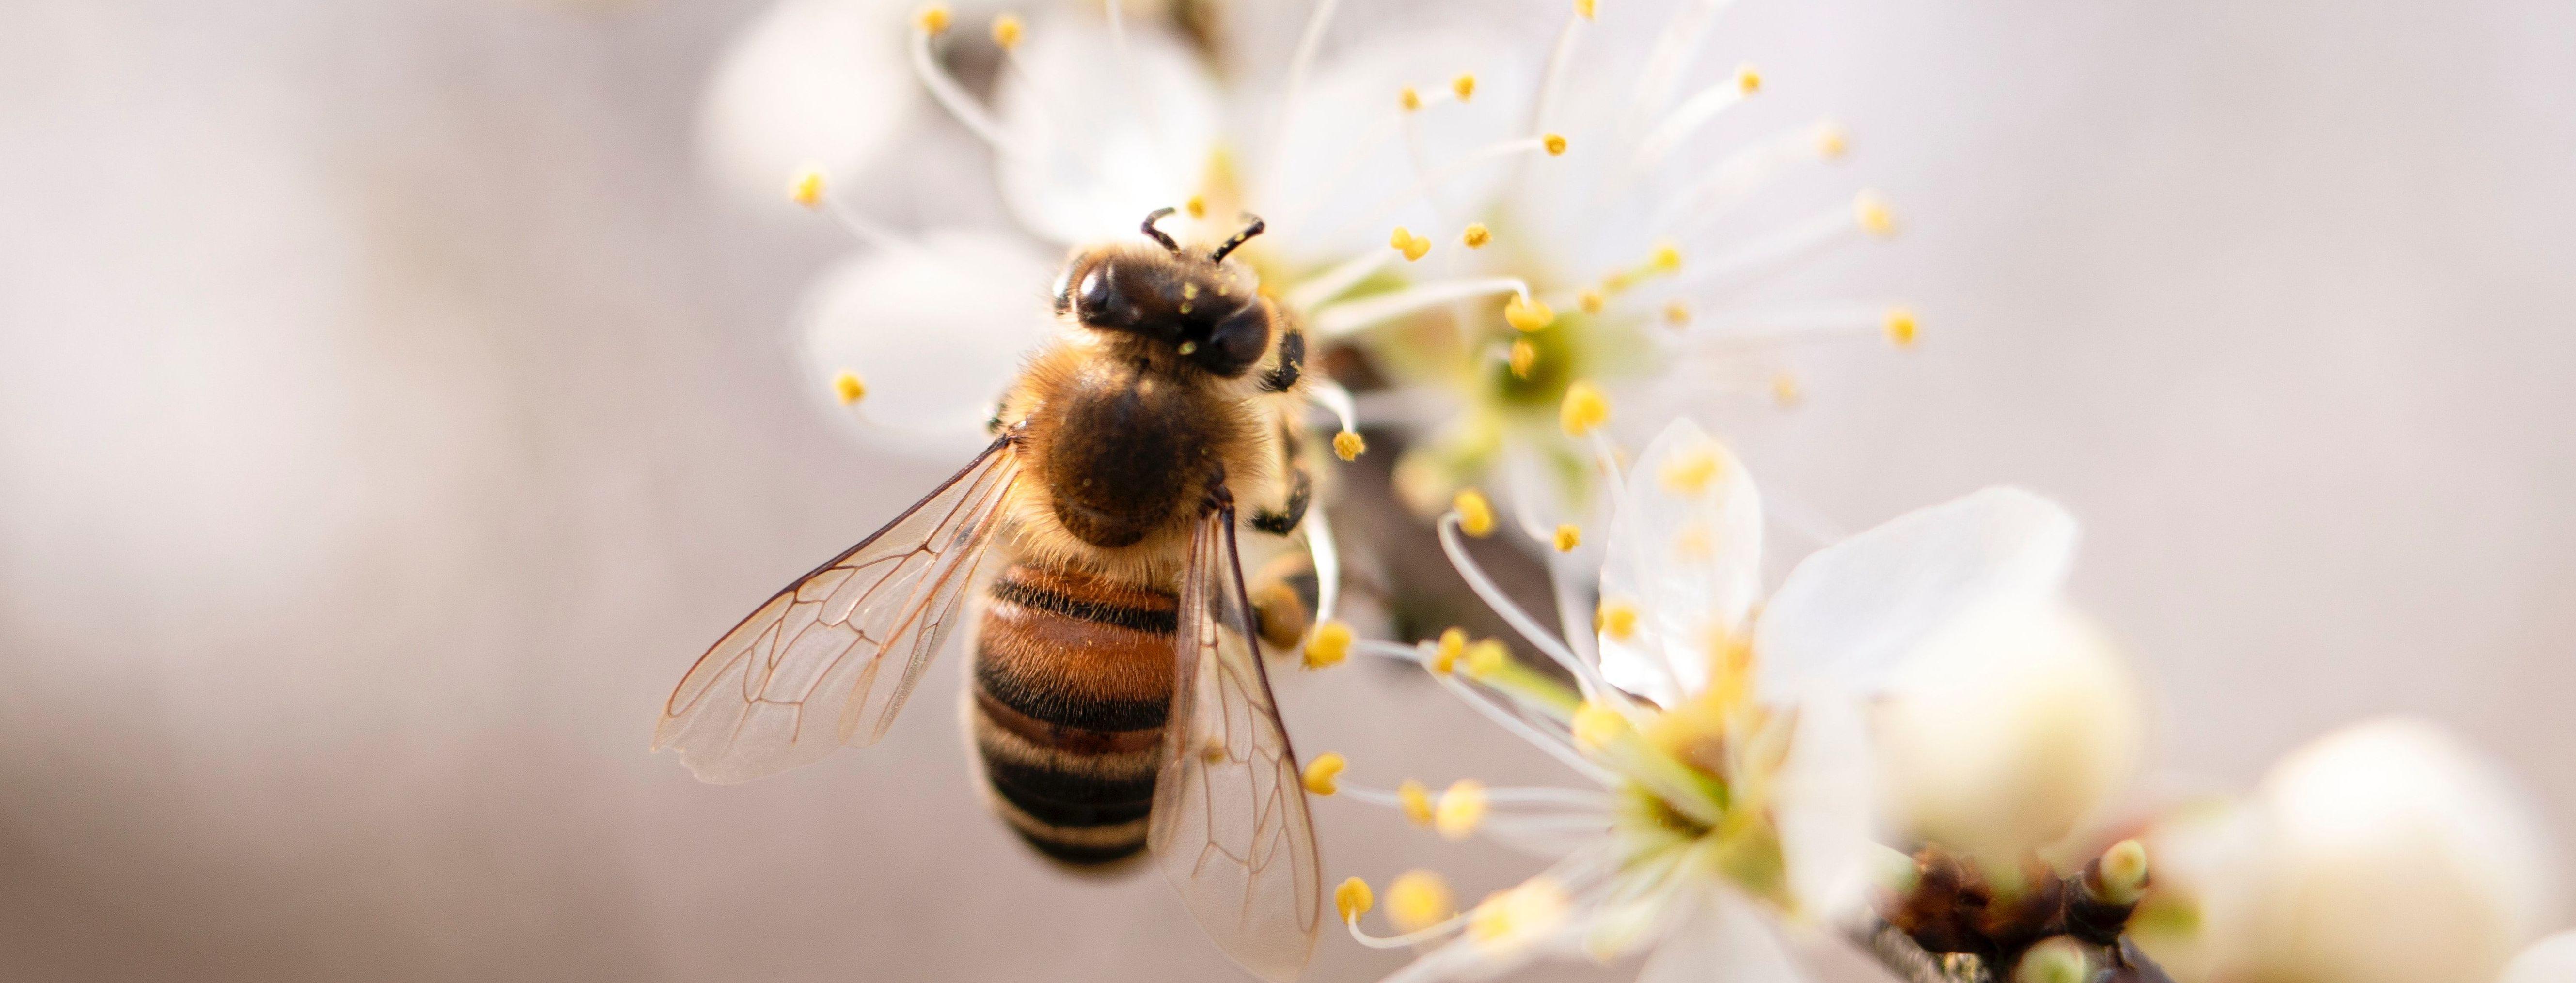 Пасечники жалуются на рекордный мор пчел, а отравленный мед попадает на полки супермаркетов